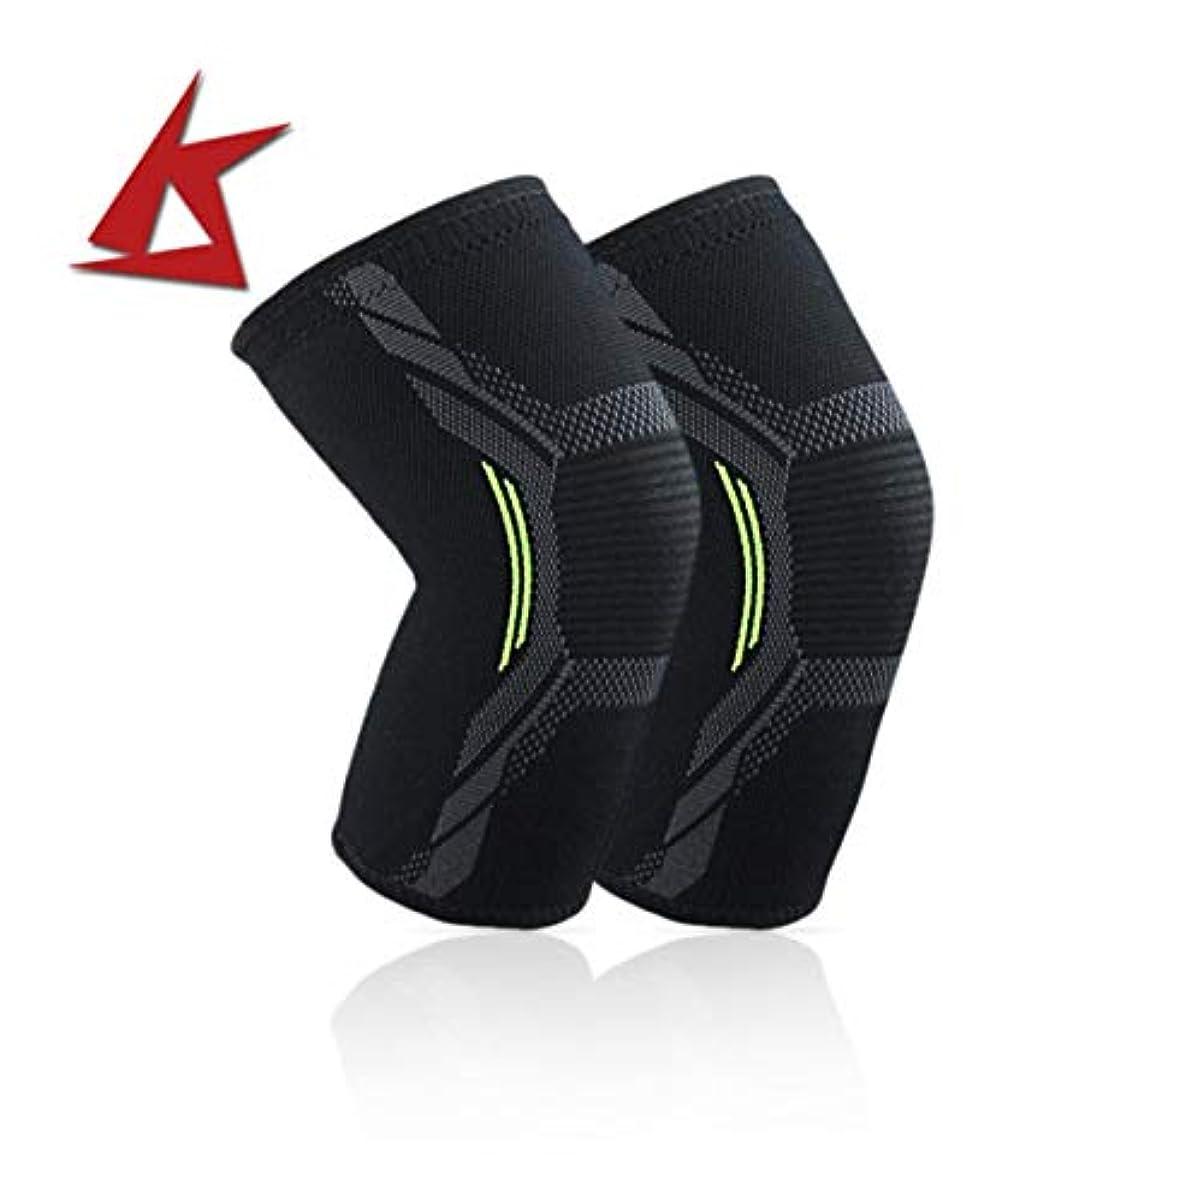 肘月曜民族主義ニット膝パッド耐久性のあるナイロン膝ブレーススポーツ保護パッド超薄型膝サポート安全膝パッド - ブラックL